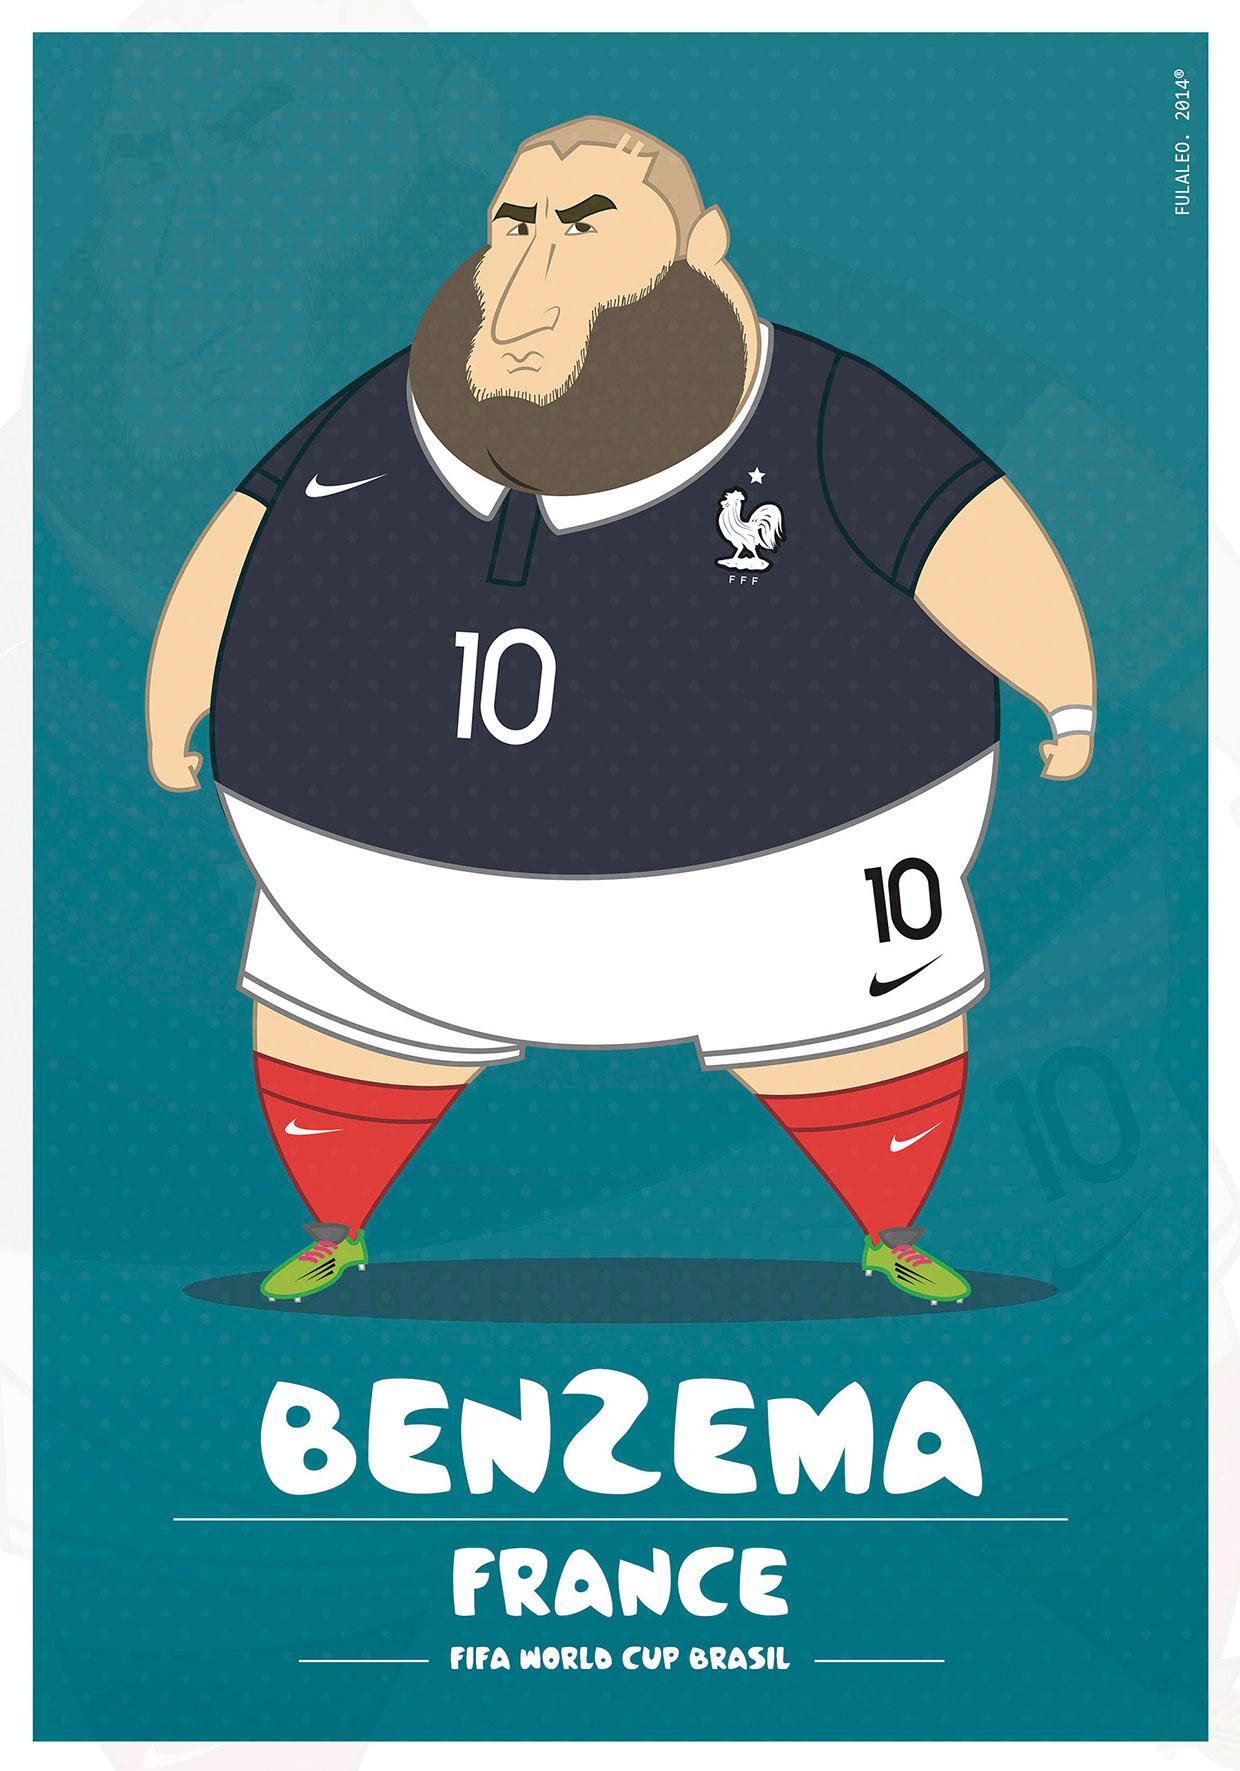 Толстые футболисты чемпионата мира в Бразилии 1